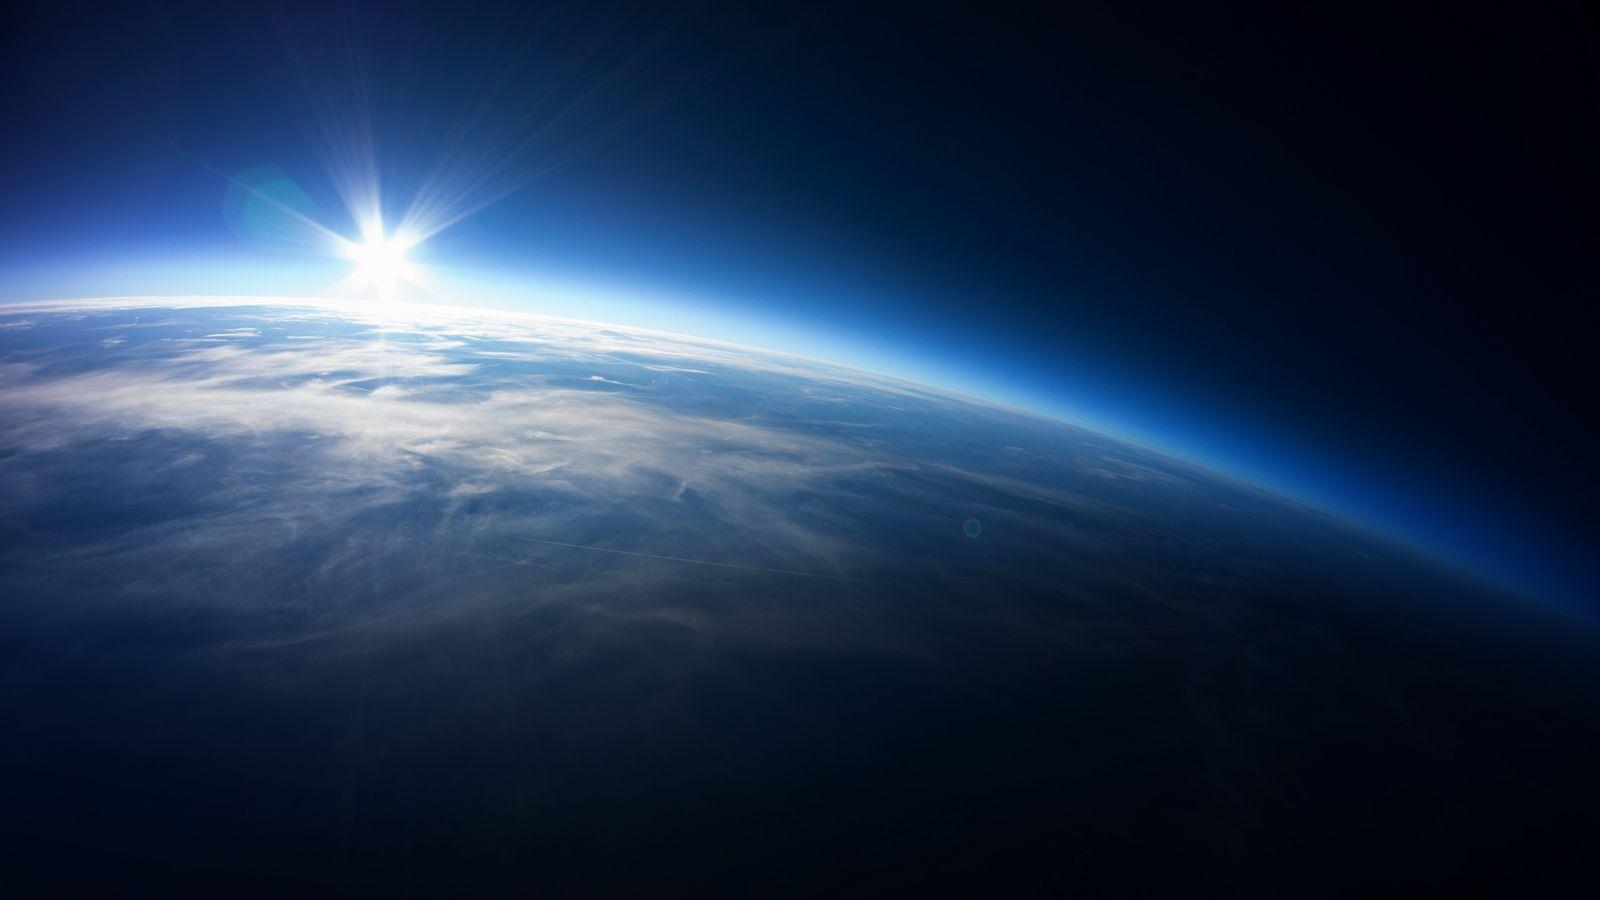 L'atmosphère terrestre est semblable, vue de l'espace, à une fine pellicule bleue enveloppant notre planète. Elle ...